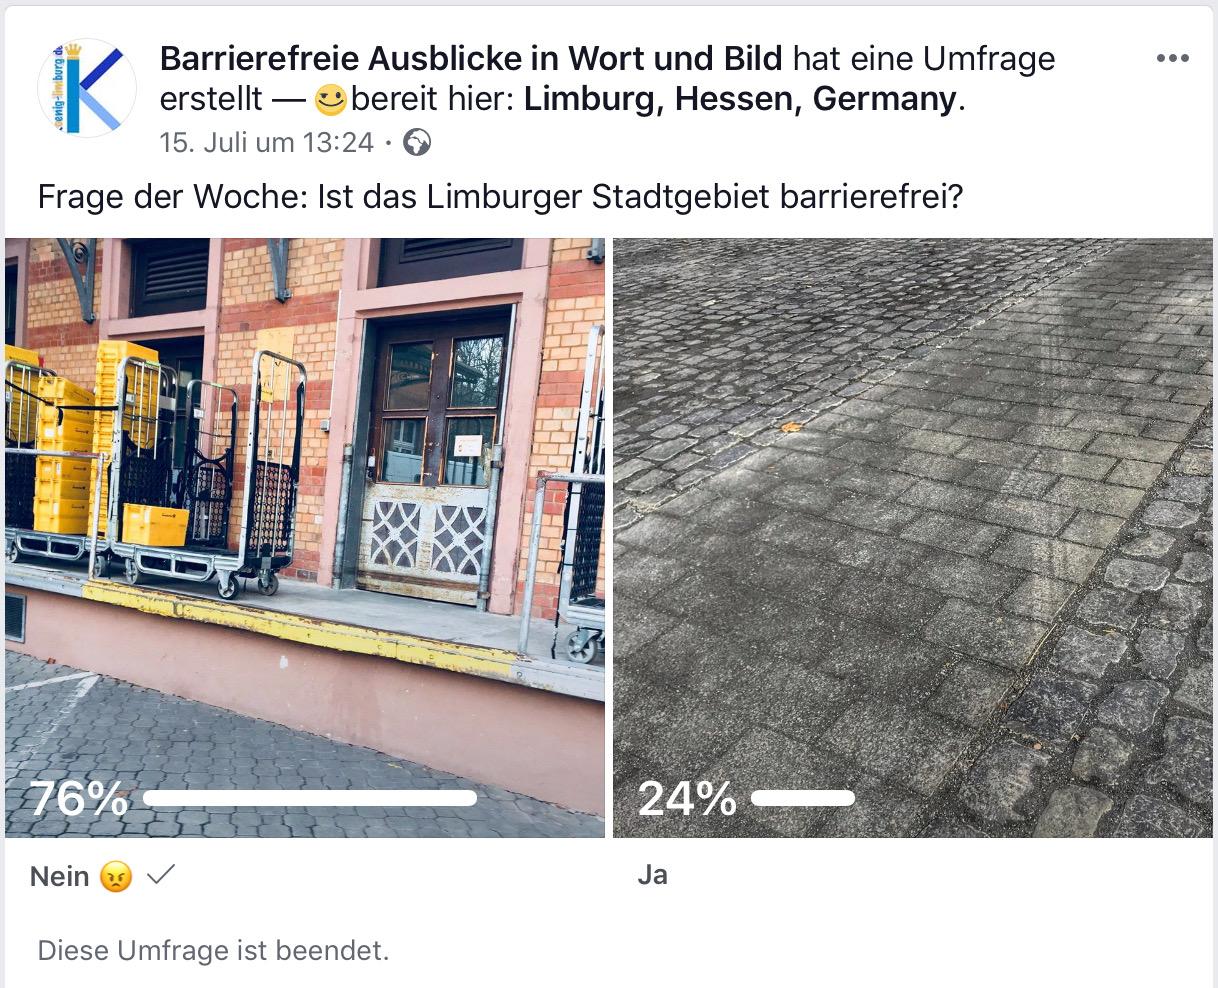 Ist das Limburger Stadtgebiet barrierefrei?